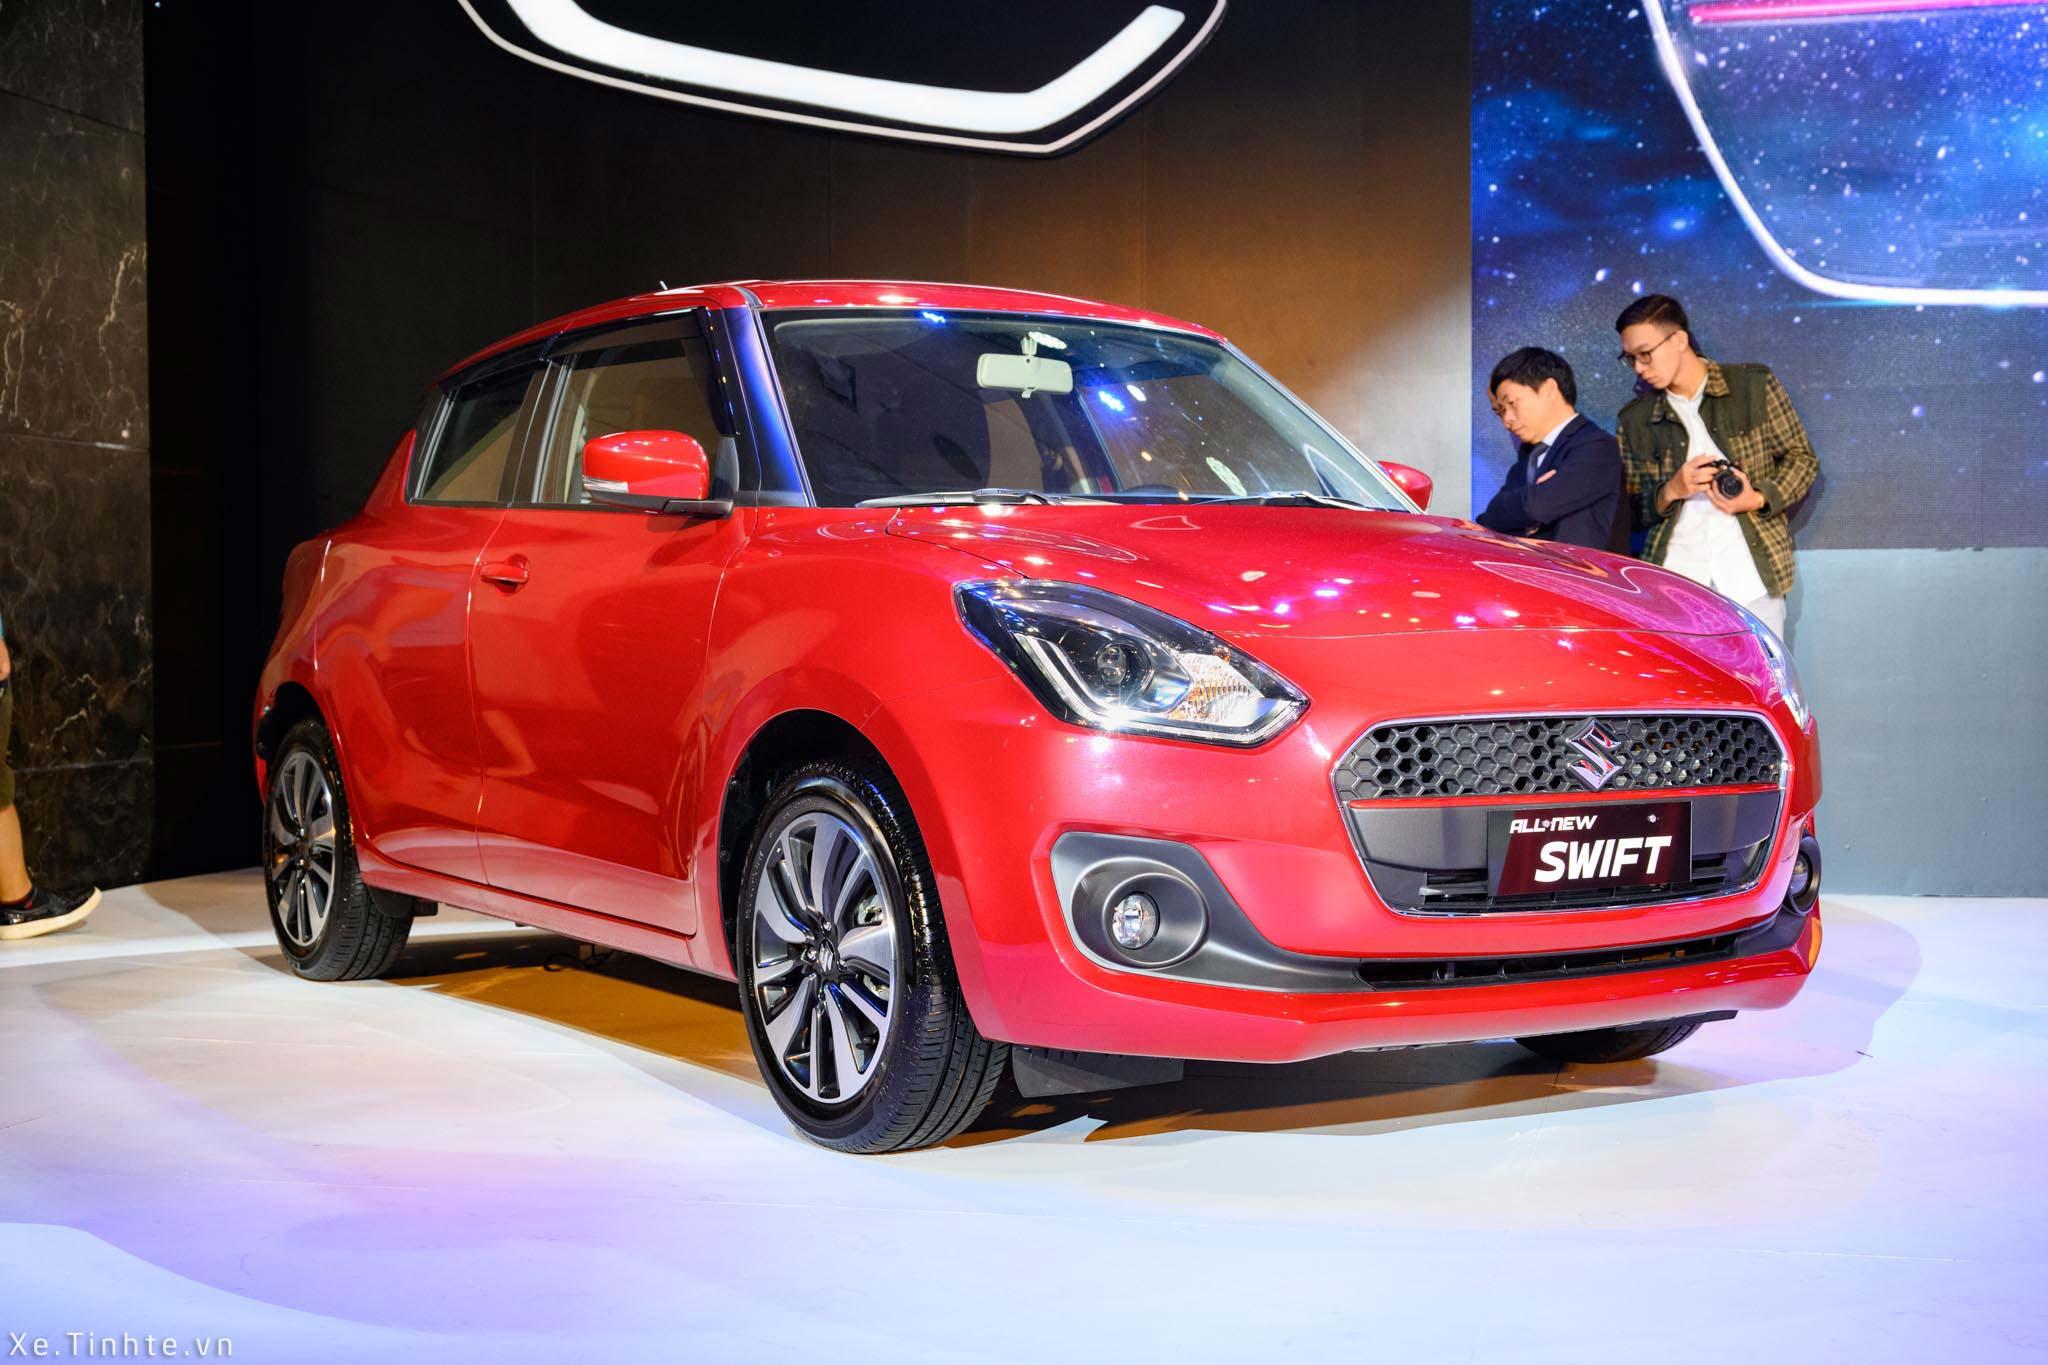 Suzuki_Swift_2018_tinhte_1.jpg